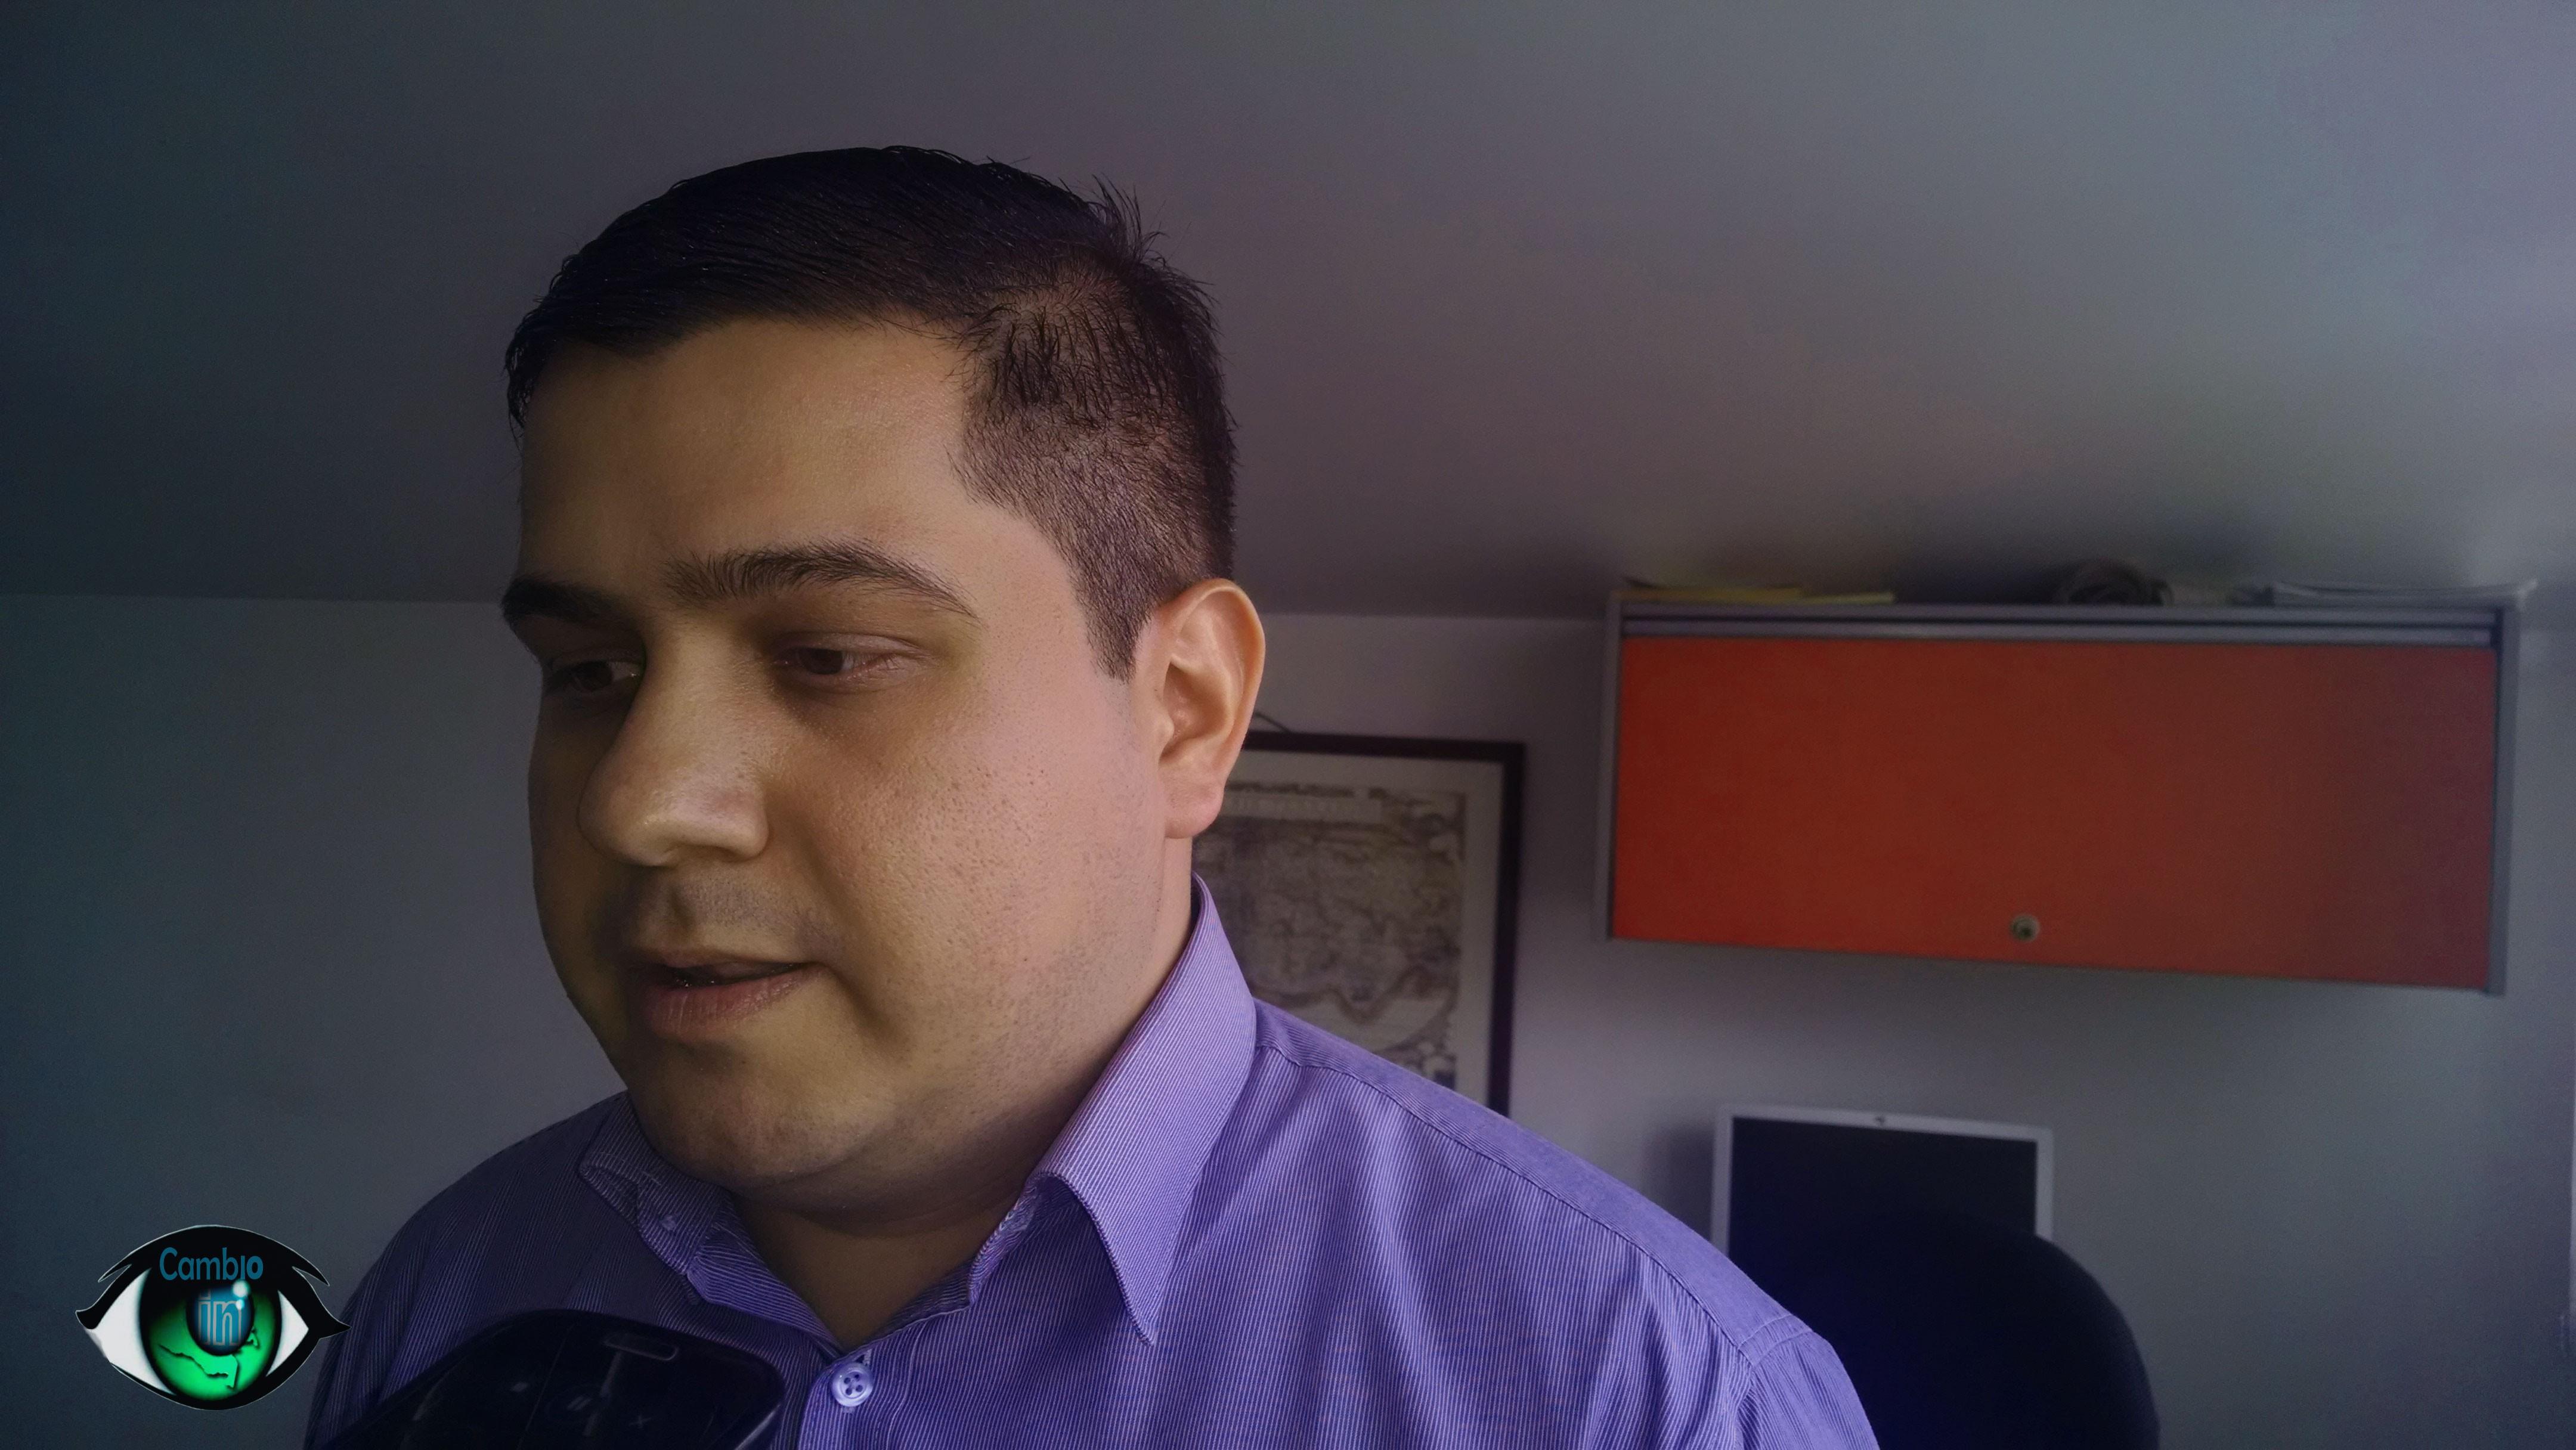 Guerra de demandas en caso de empleado retirado de la alcaldía por ser amigo del candidato Rubén Darío Rodríguez